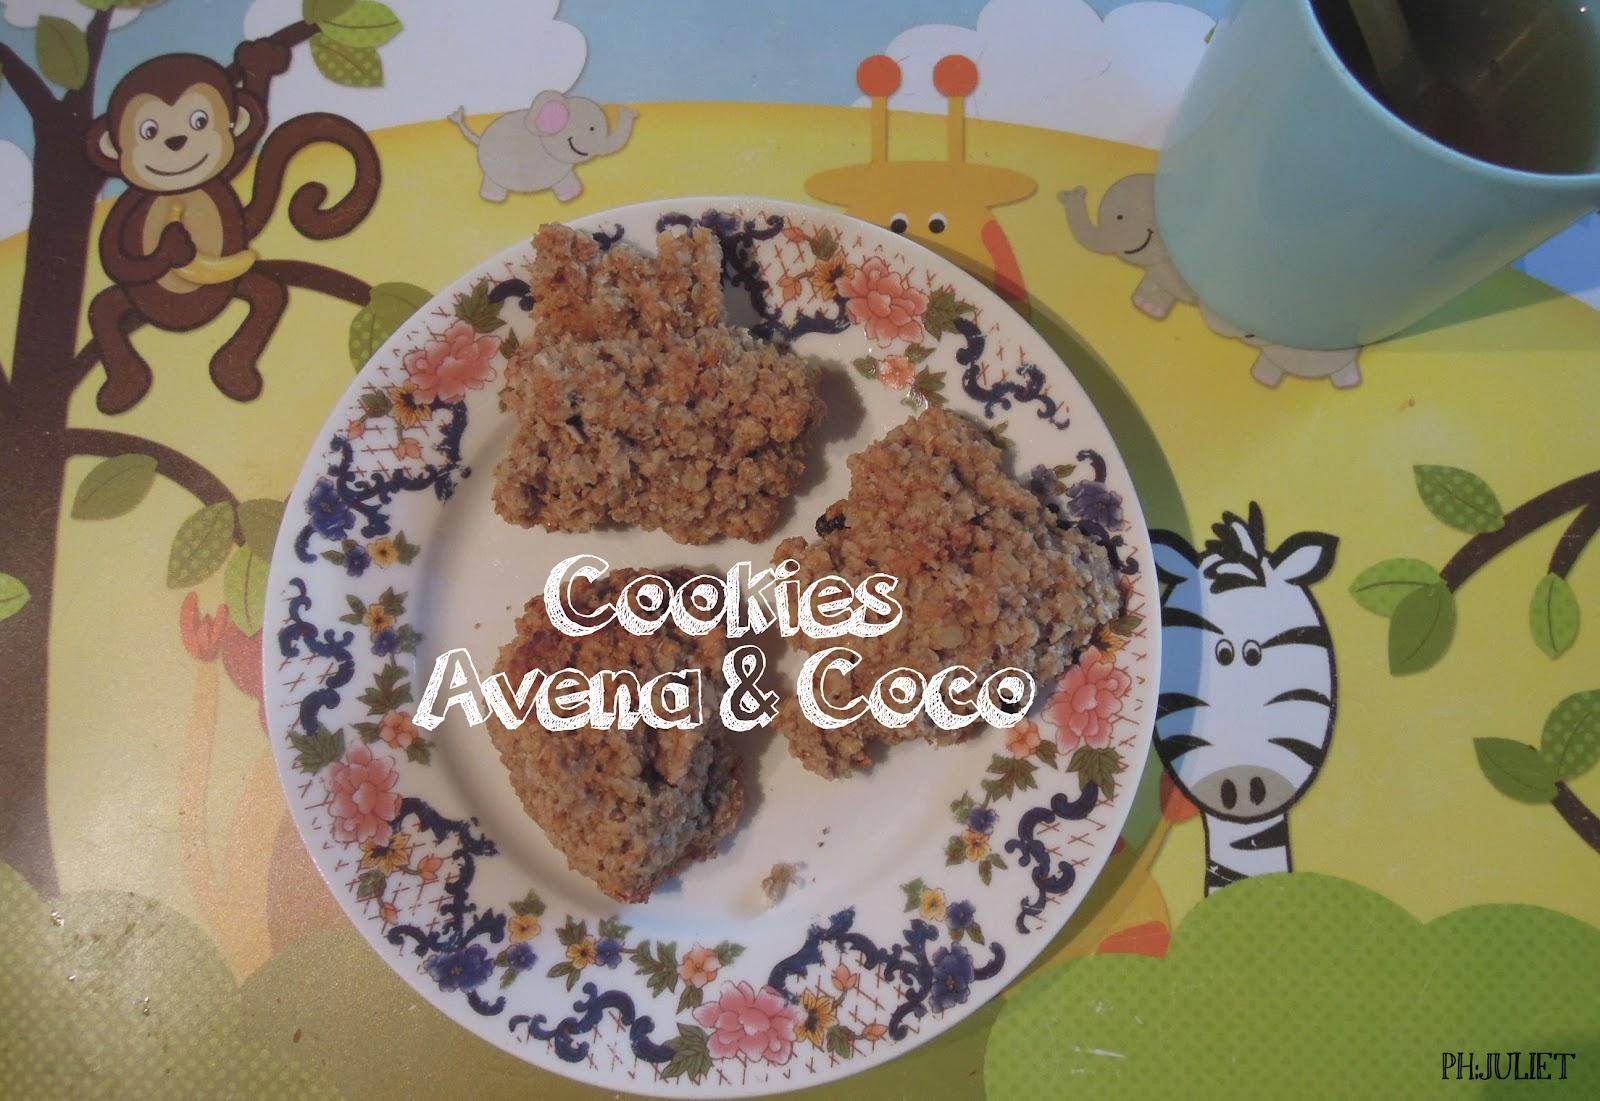 Cookies avena y coco.jpg